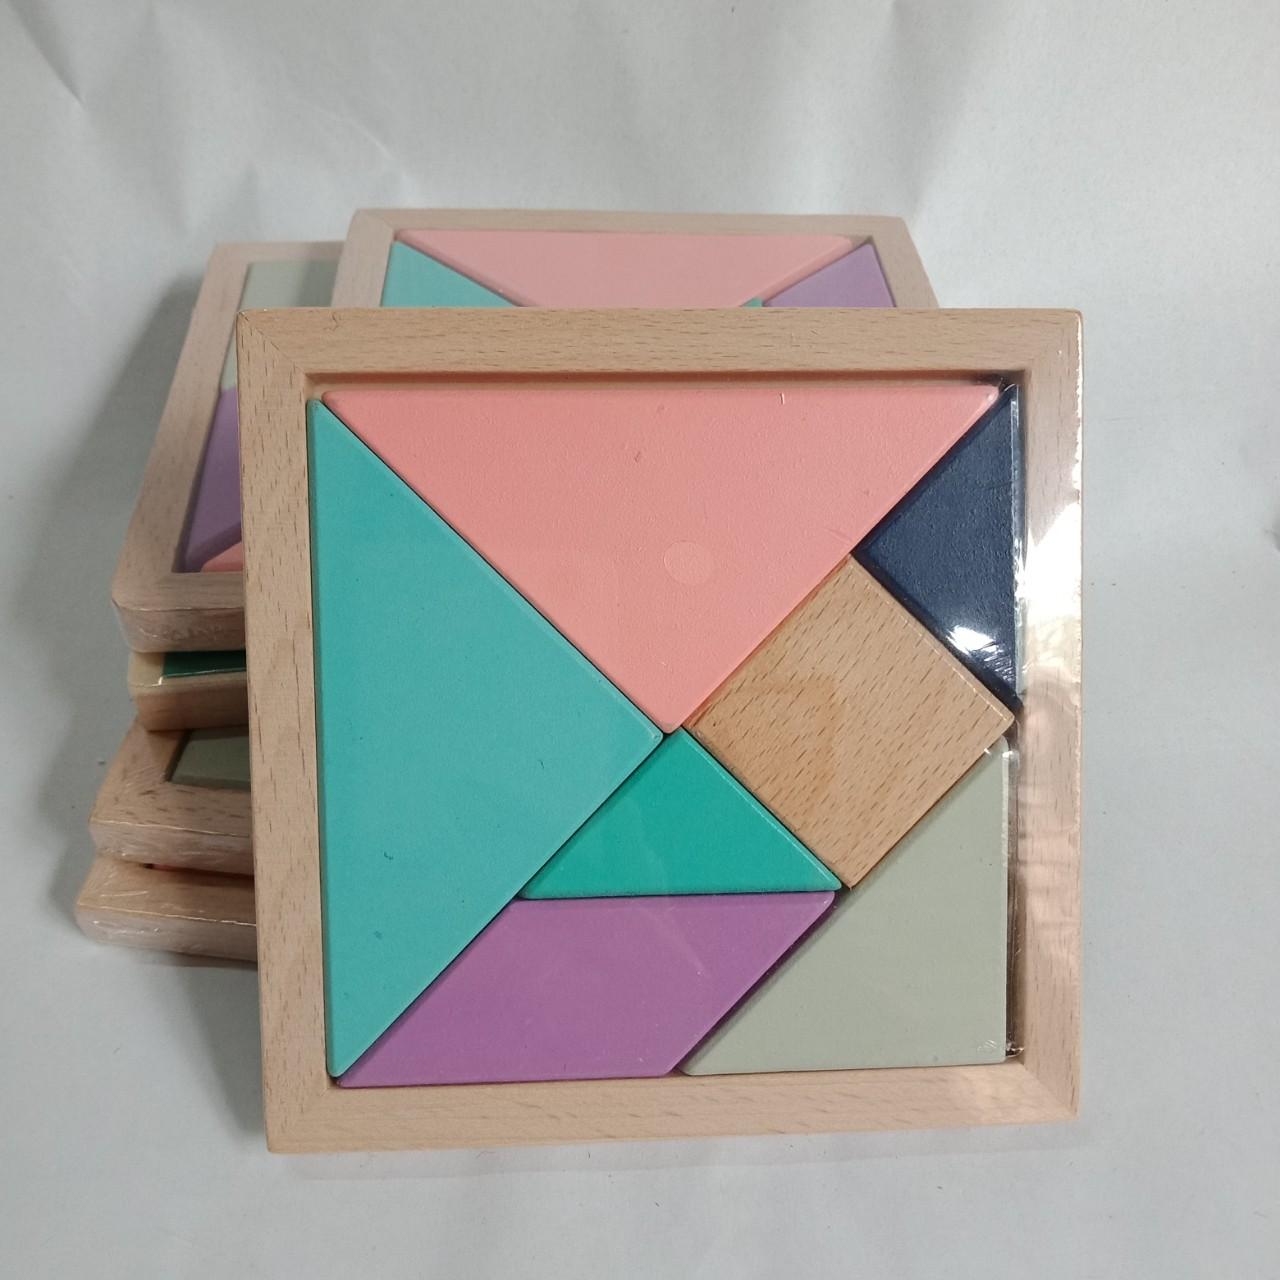 Đồ chơi gỗ, Ghép Hình Thông Minh 7 Chi Tiết Gỗ tự nhiên Ghép nhiều hình phát huy khả năng sáng tạo cho bé - 410